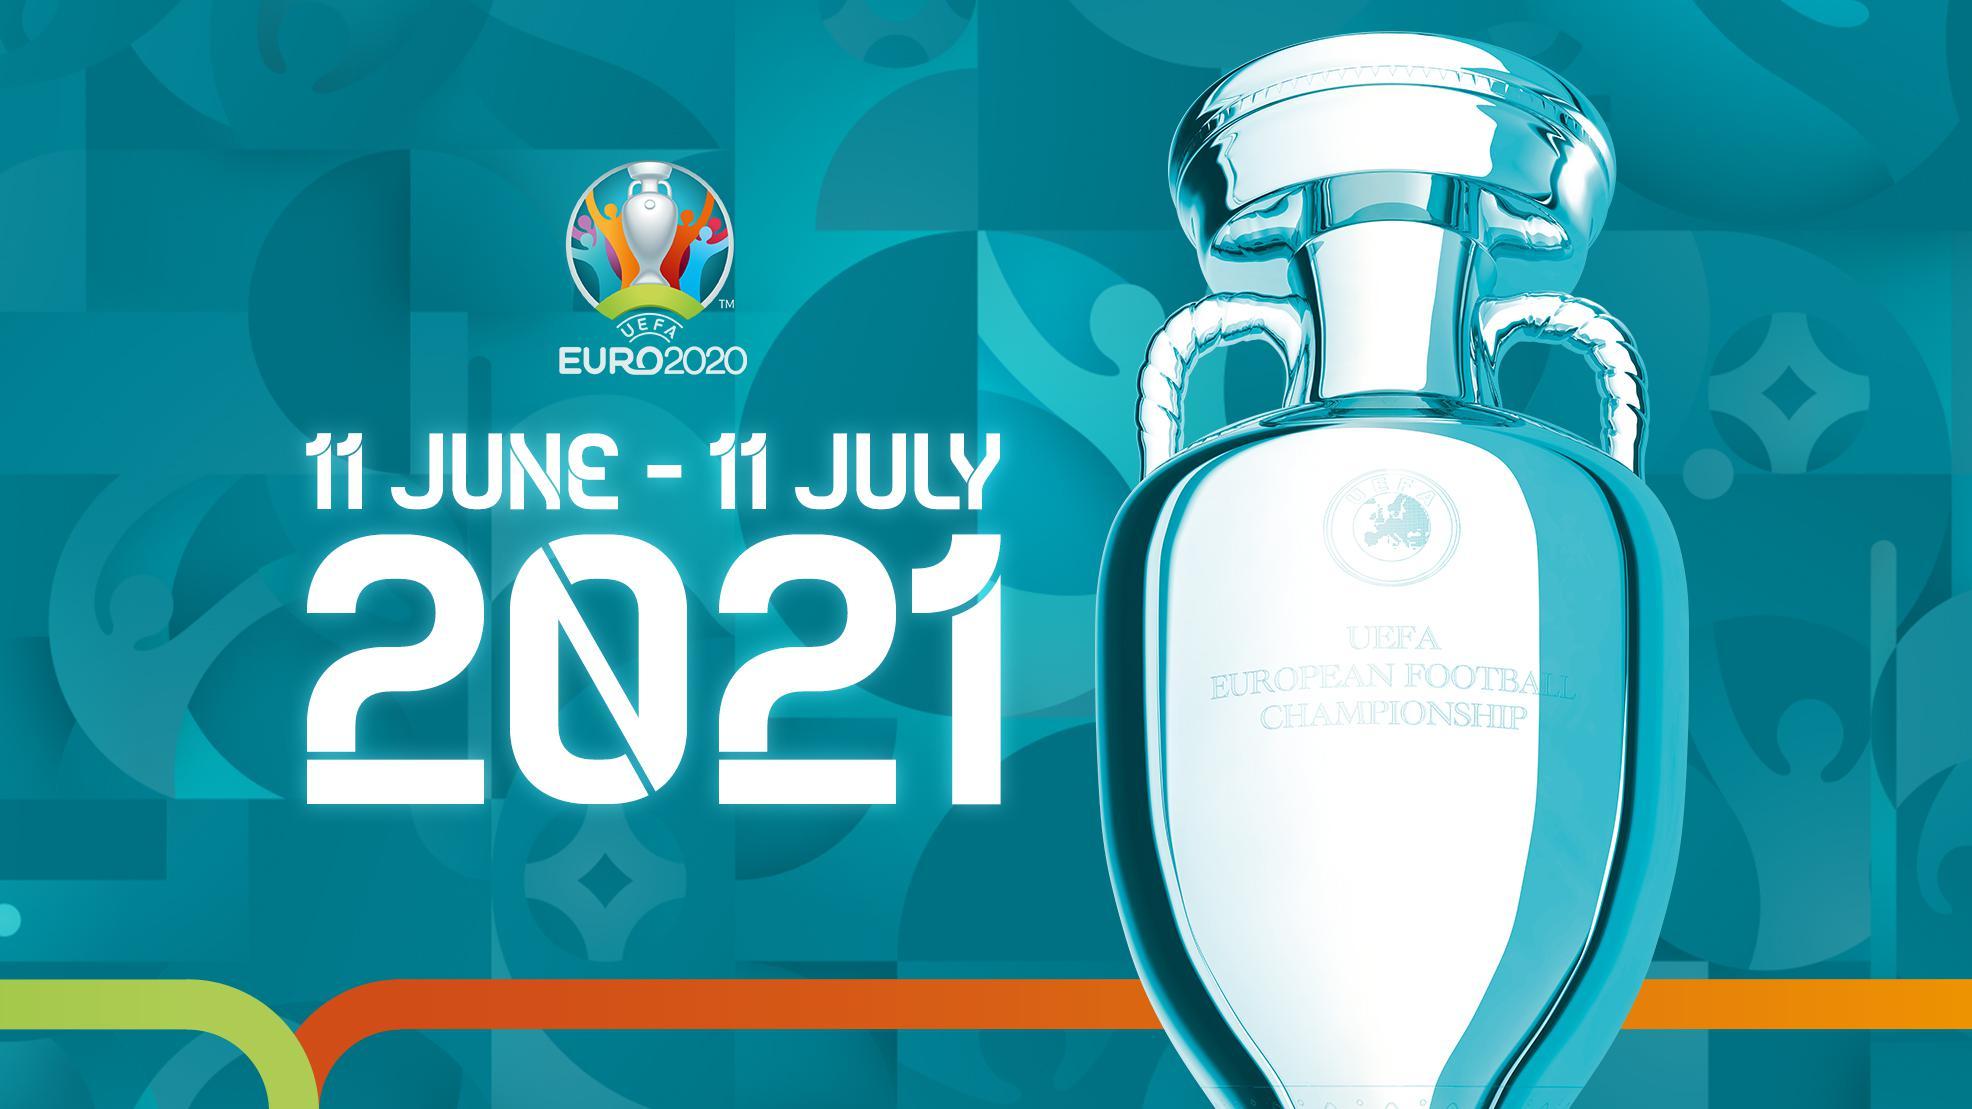 Jadwal Euro 2021 Topik Terbaru untuk Pecinta Sepak Bola